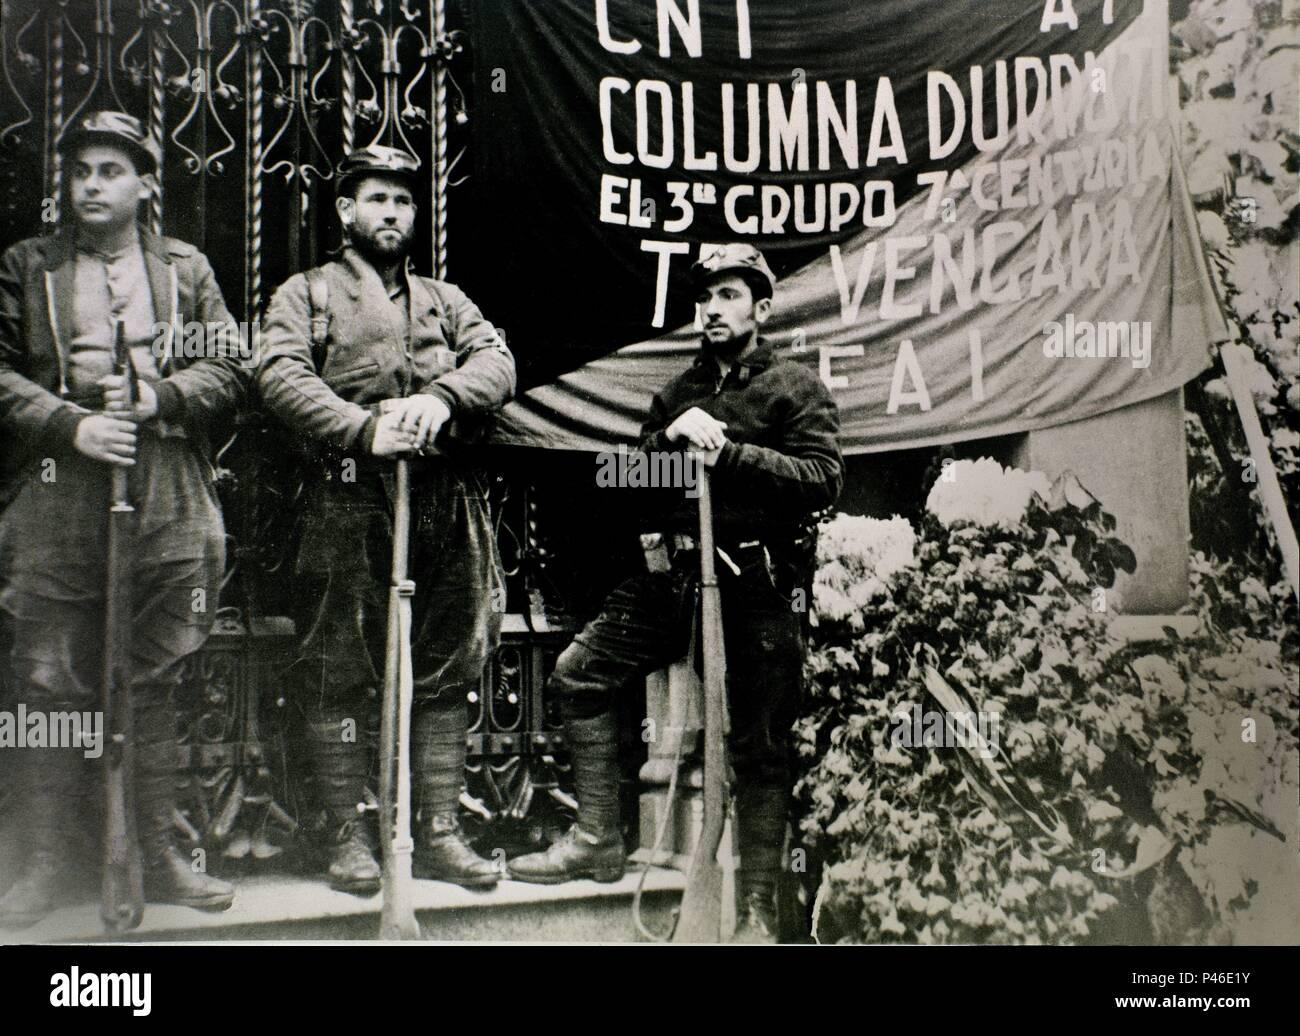 Spanish Civil War (1936-1939). Men with a CNT Flag. Hombres con bandera de la CNT. Civil War 1936. - Stock Image